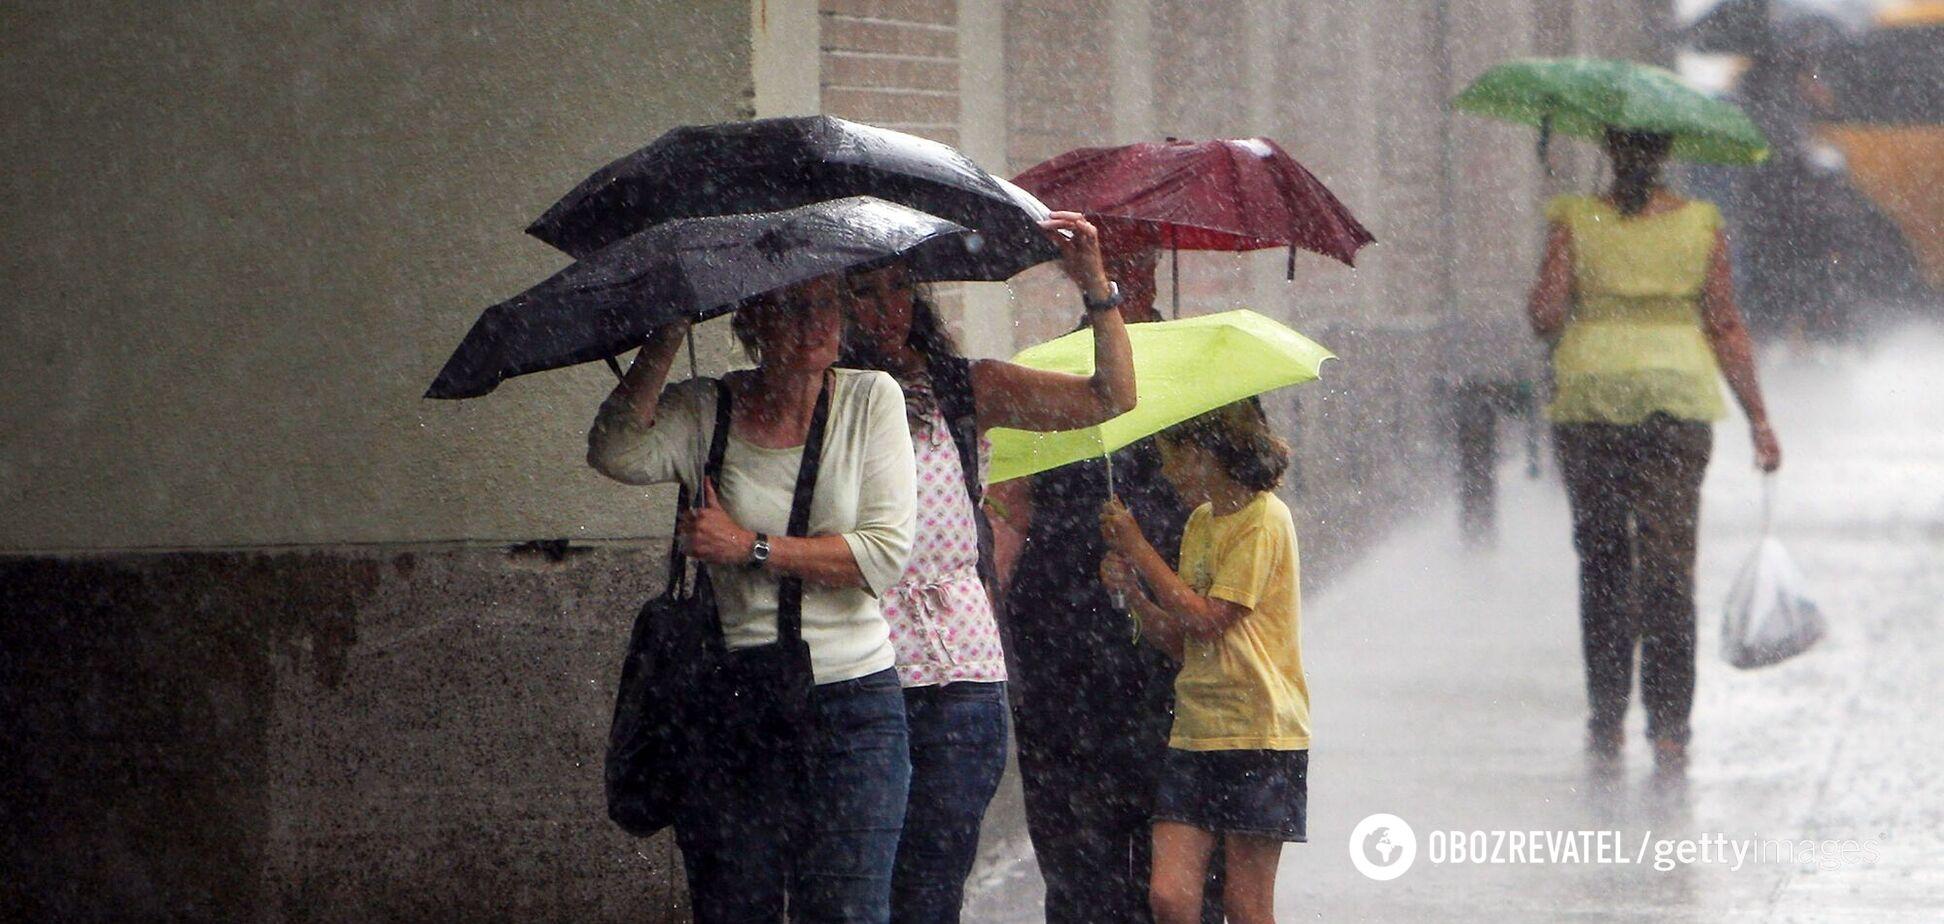 Метеорологи предупредили о сильном ухудшении погоды в Киеве и области